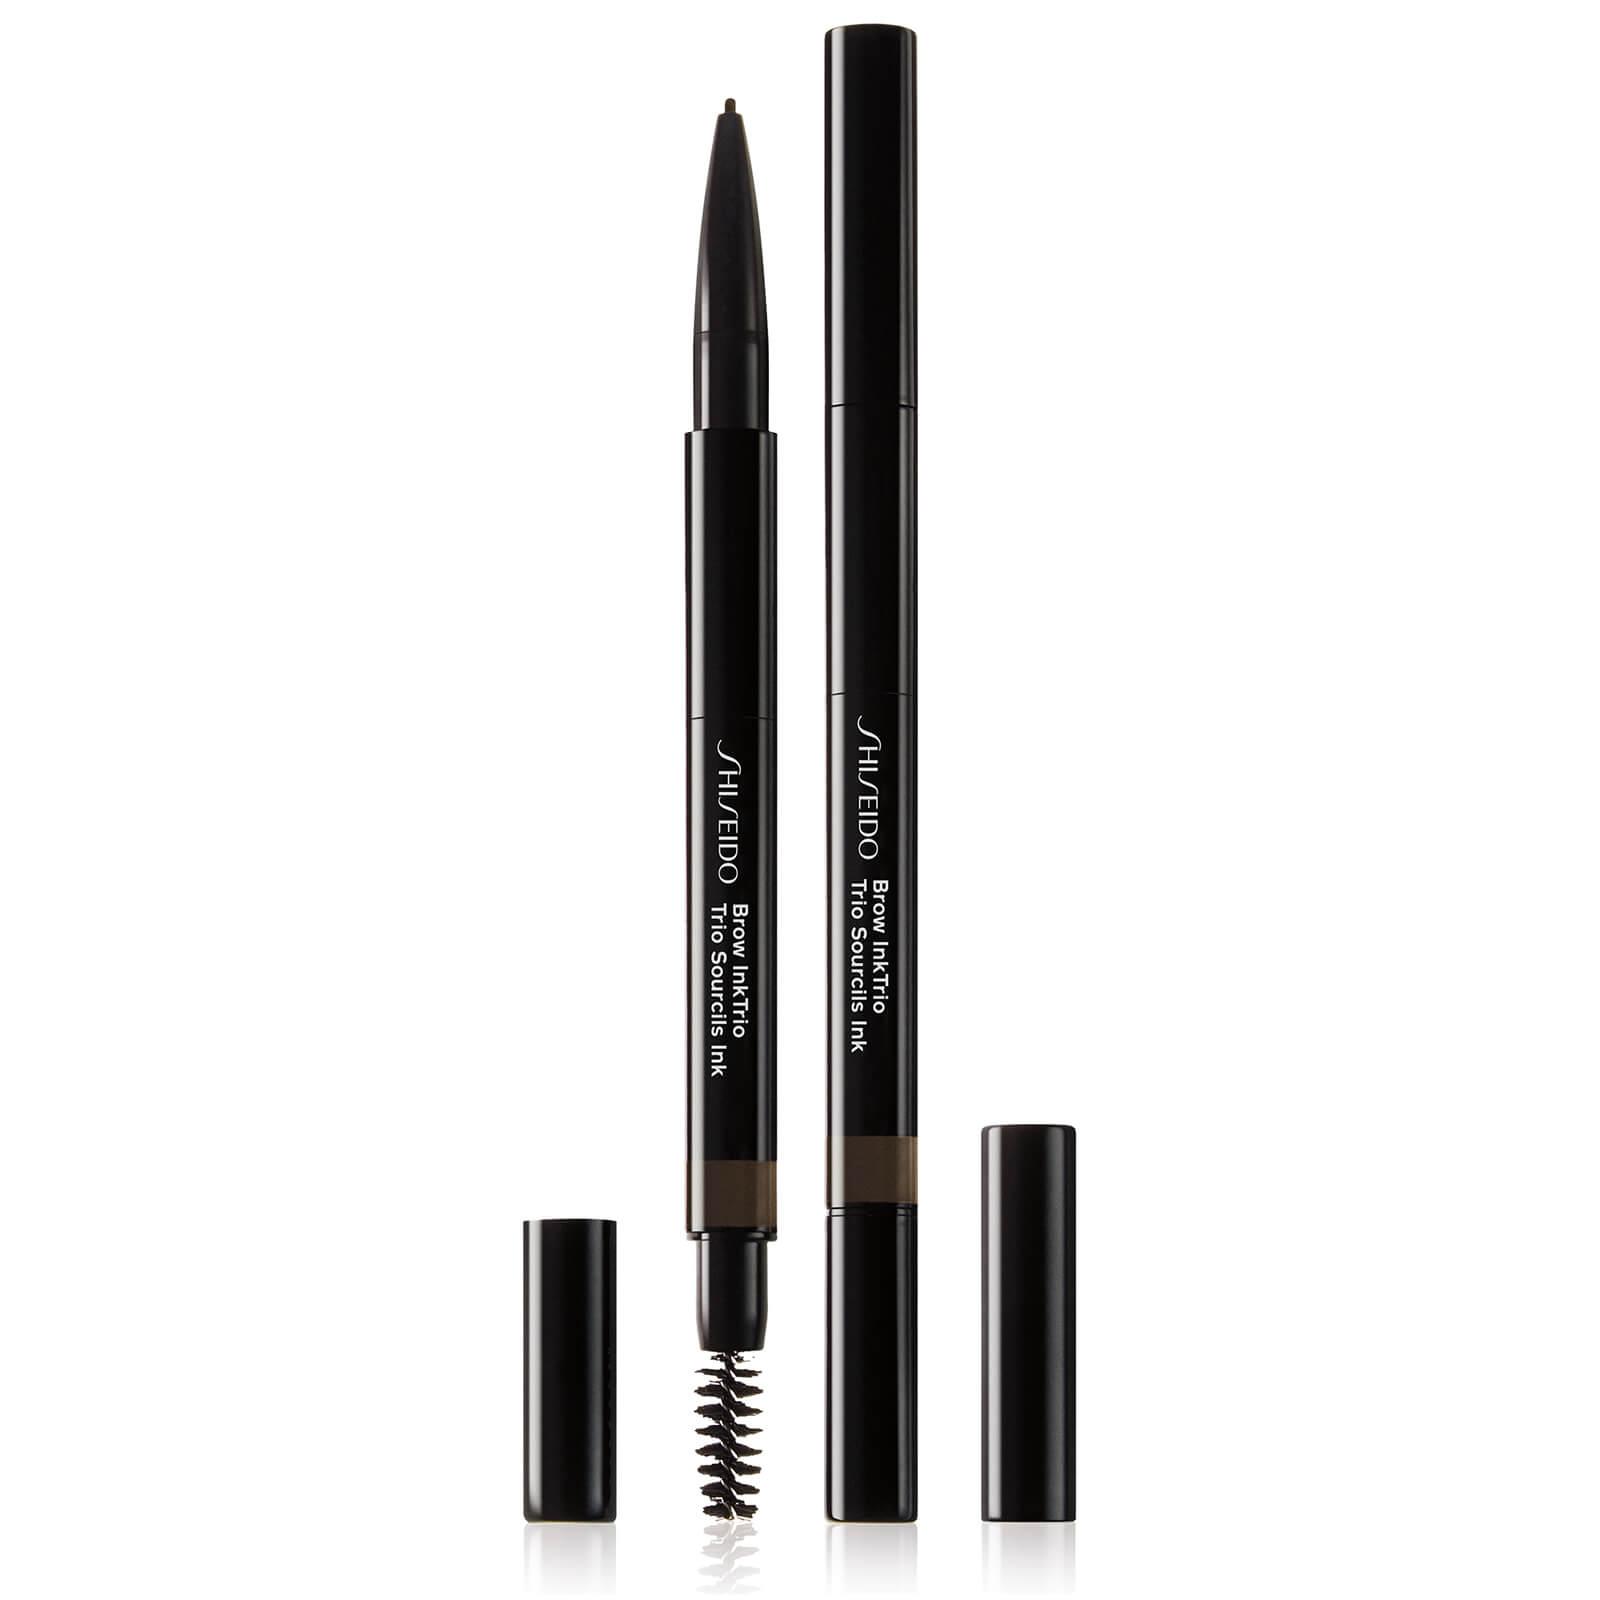 Купить Моделирующий карандаш для бровей 3-в-1 Shiseido Brow InkTrio (различные оттенки) - Ebony 04